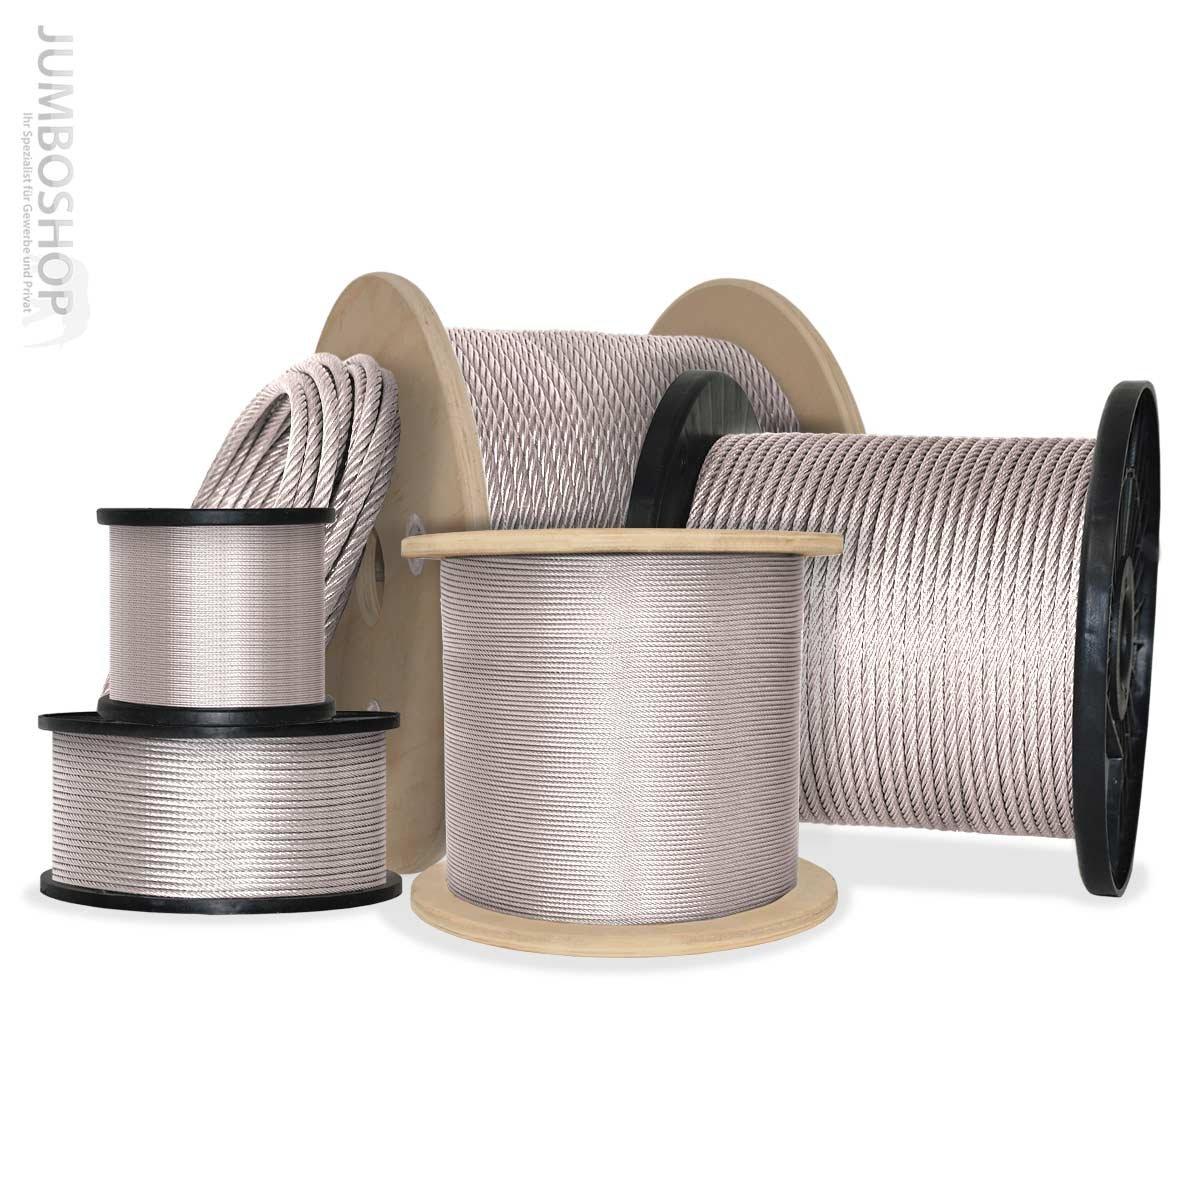 JumboShop 50m 8mm TOP ANGEBOT DRAHTSEIL verzinkt DIN Stahlseil Forstseil Windenseil Seil Draht Stahl  BaumarktKundenbewertung und weitere Informationen